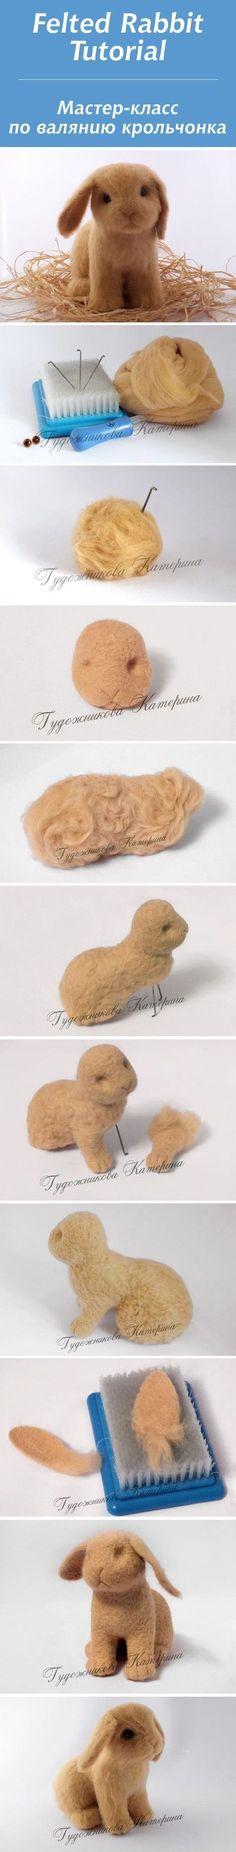 Мастер-класс по валянию крольчонка / Felted Rabbit Tutorial #felting #tutorial #feltanimalsdiy